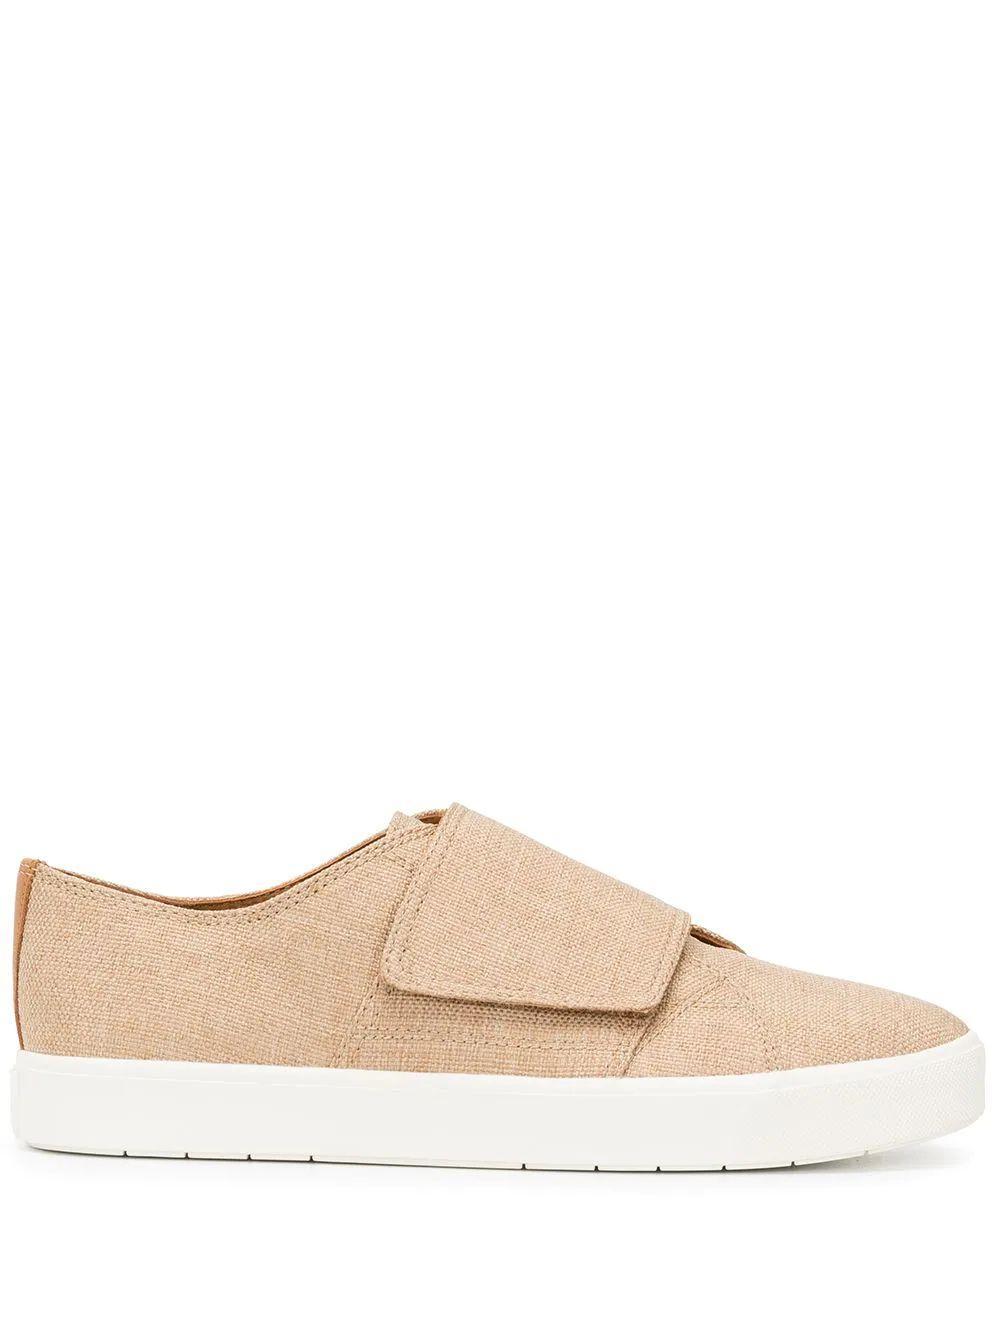 Jute Burlap Fabric Sneaker